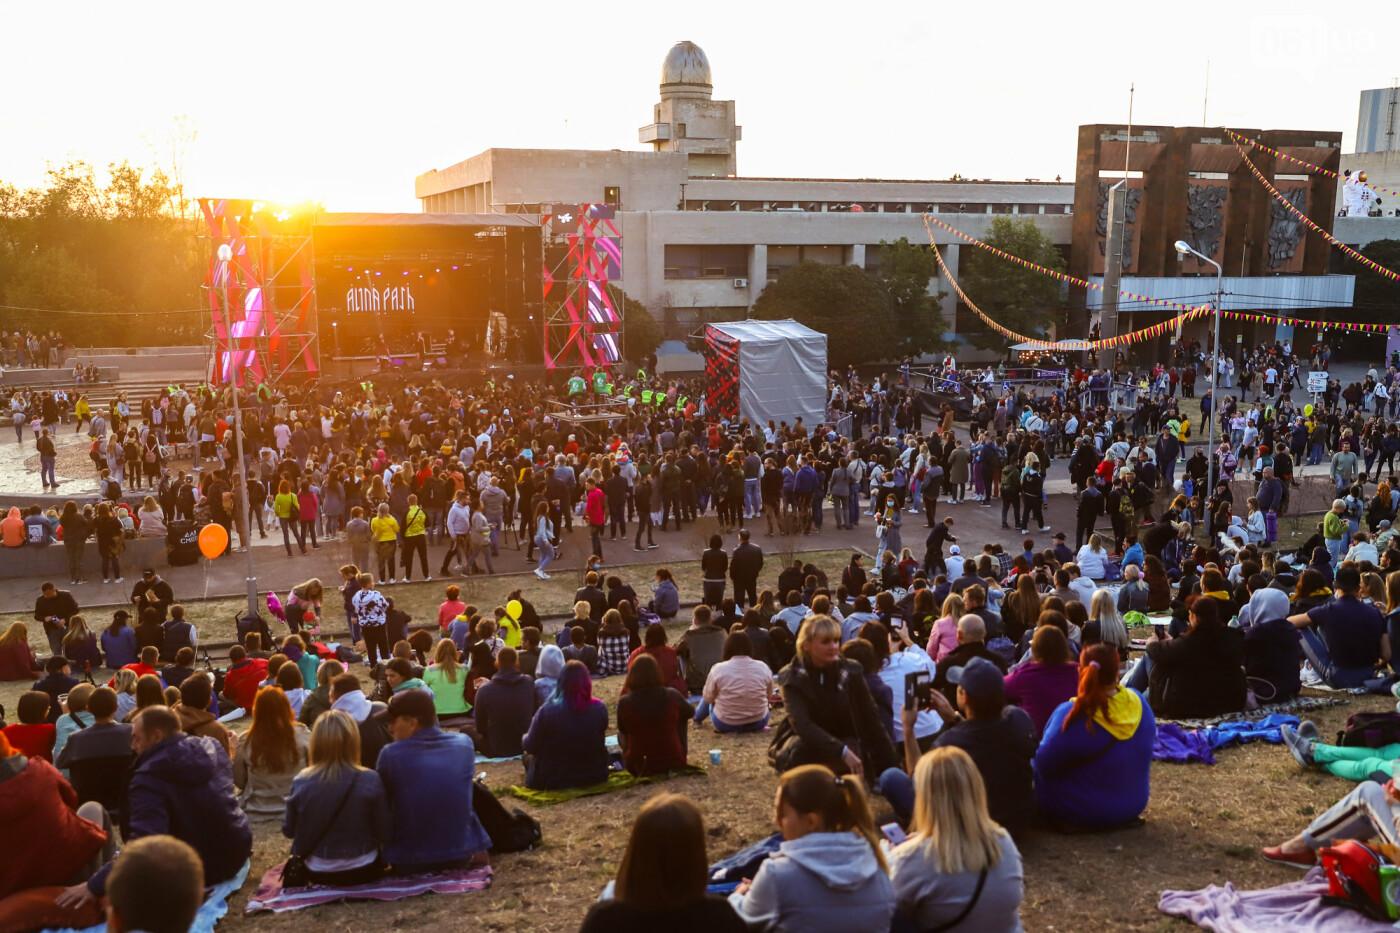 ЛГБТ-прайд, эко-митинг и восстановленные скульптуры в сквере Пионеров: сентябрь в фотографиях , фото-82